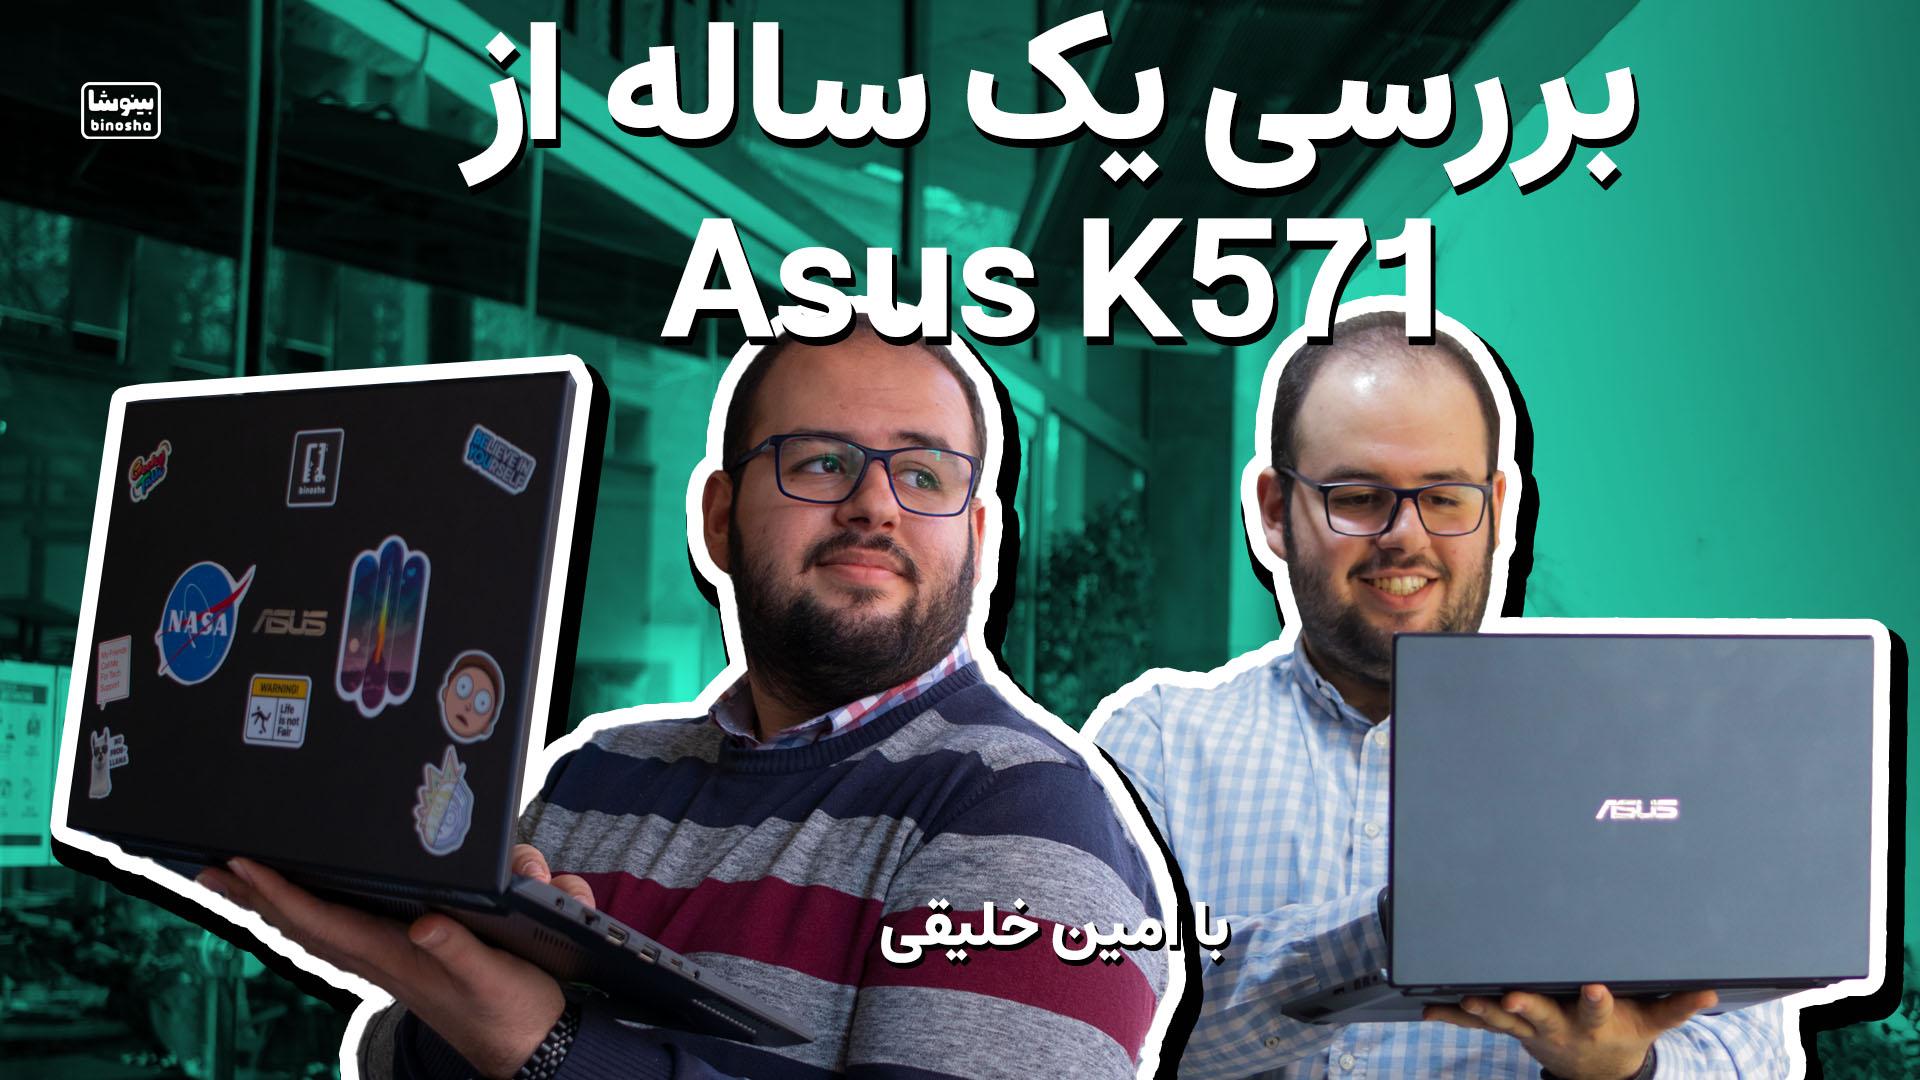 بررسی و تجربه کاربری یک ساله من از لپ تاپ ایسوس K571 | Asus K571 1 Year Review